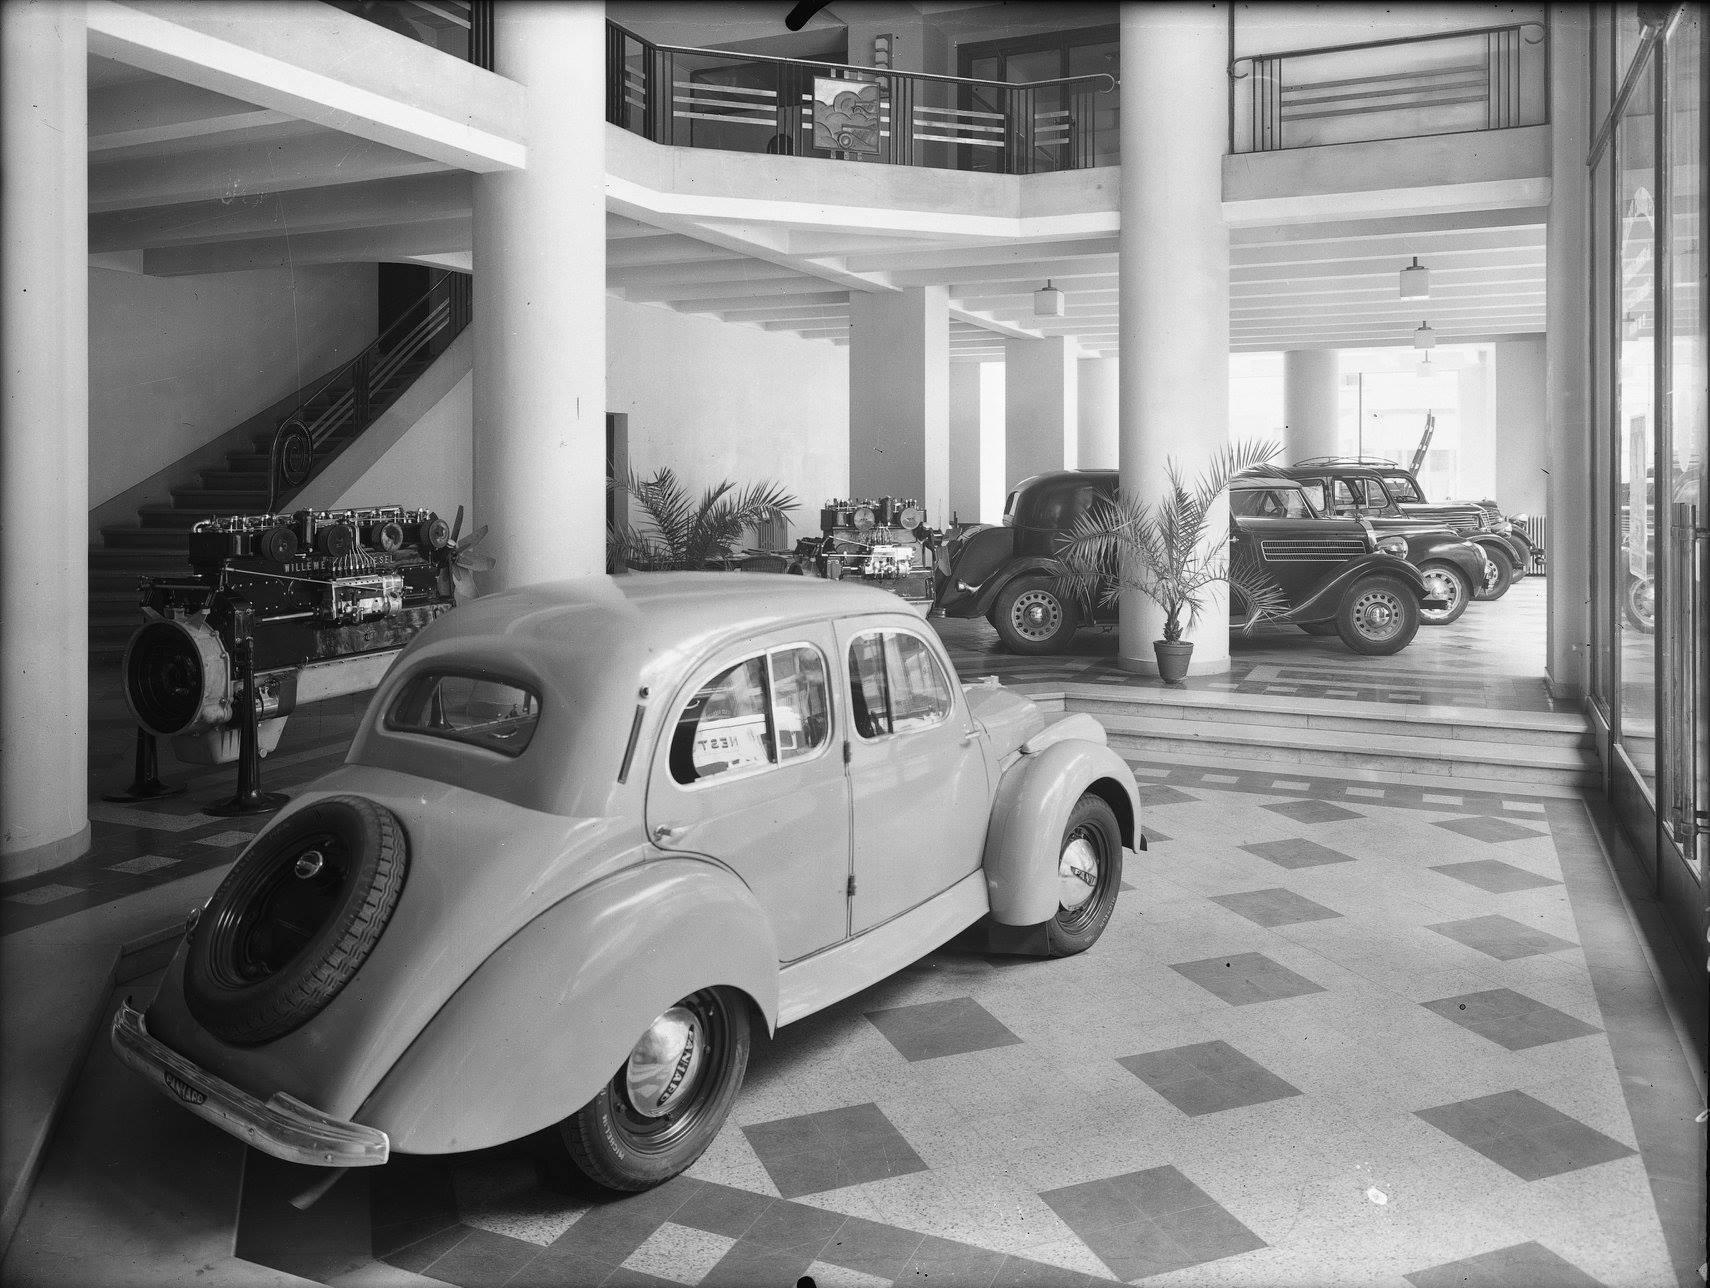 Garage-atlas-voormalig-vestiging-bollache--laroque-en-cie--65-69-avenue-van-saksen-lyon-3-e-1929-tot-1932-1